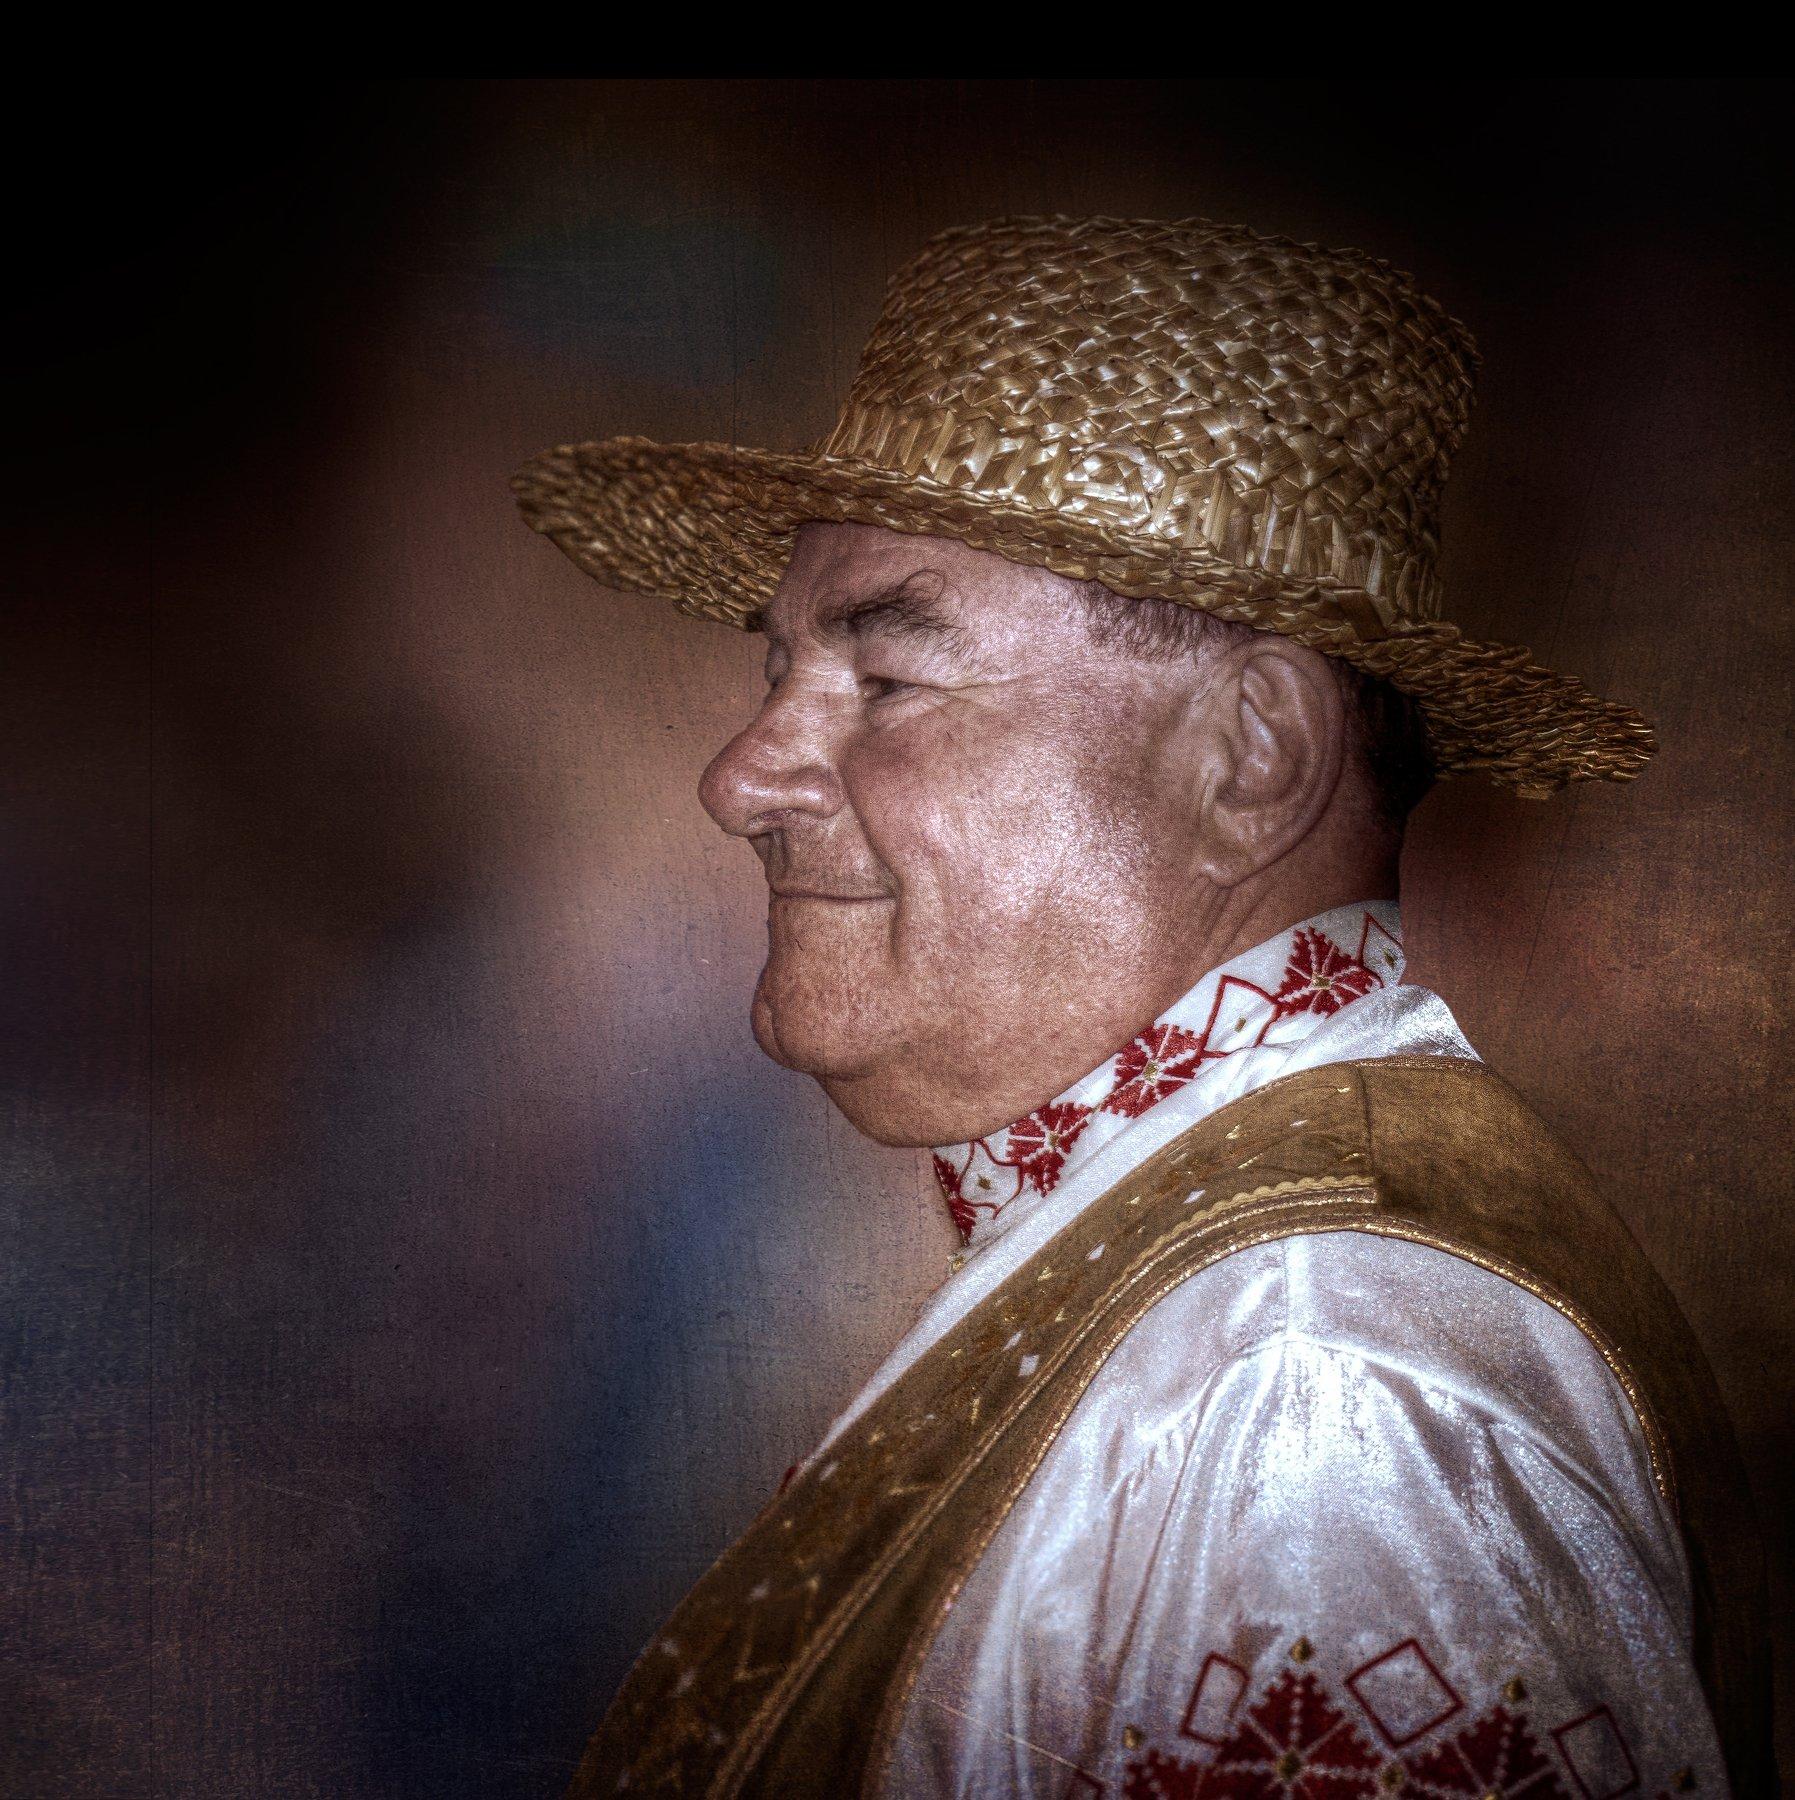 Белорусский костюм, Мужской портрет, Национальный костюм, Портрет, Стиль, Лидия Киприч